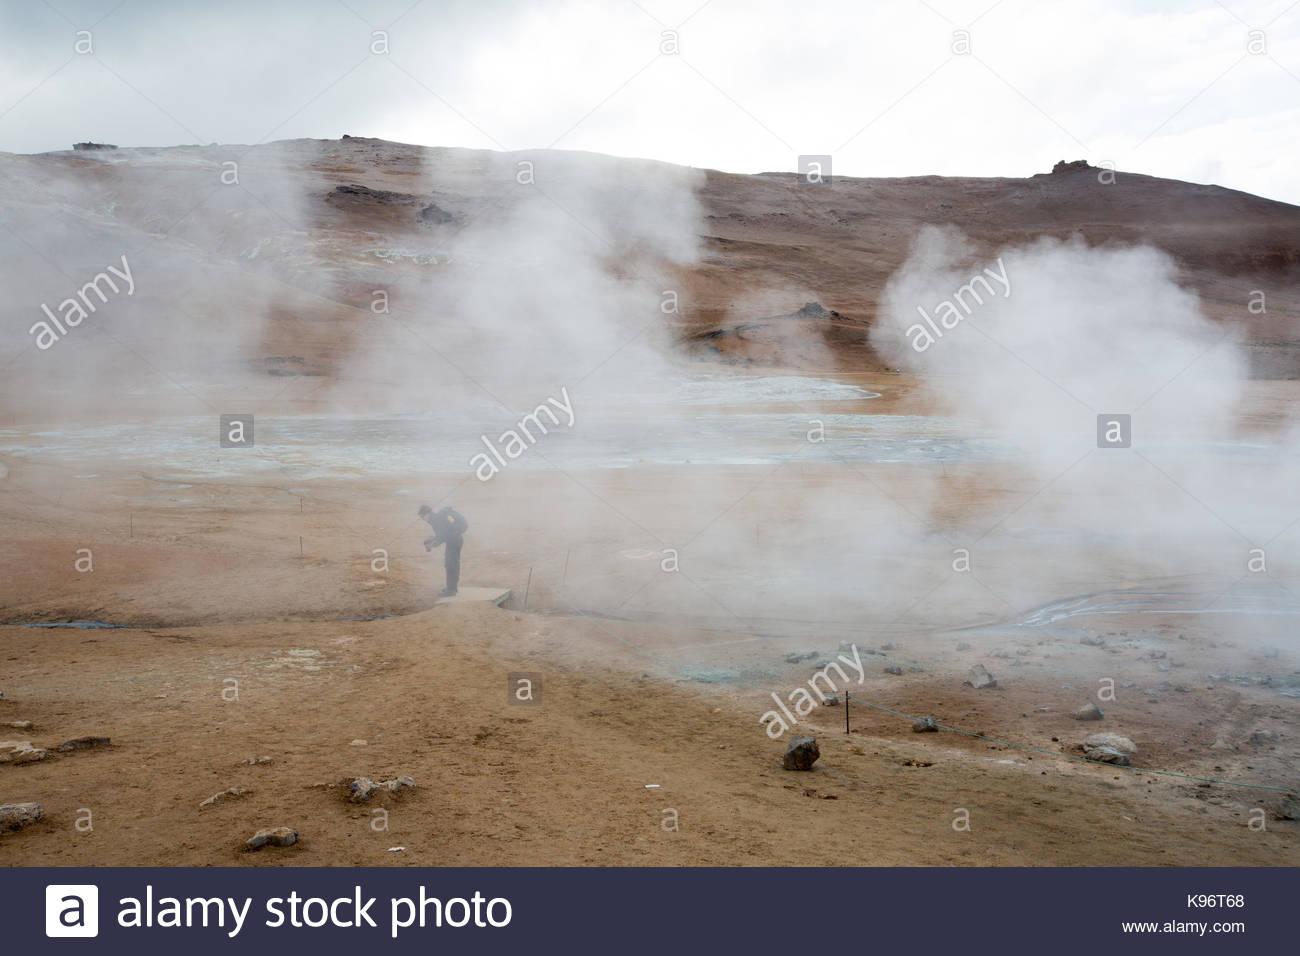 Un uomo guarda le fotografie e il fango per la cottura a vapore pentole area geotermale nei pressi del Lago Myvatn. Immagini Stock